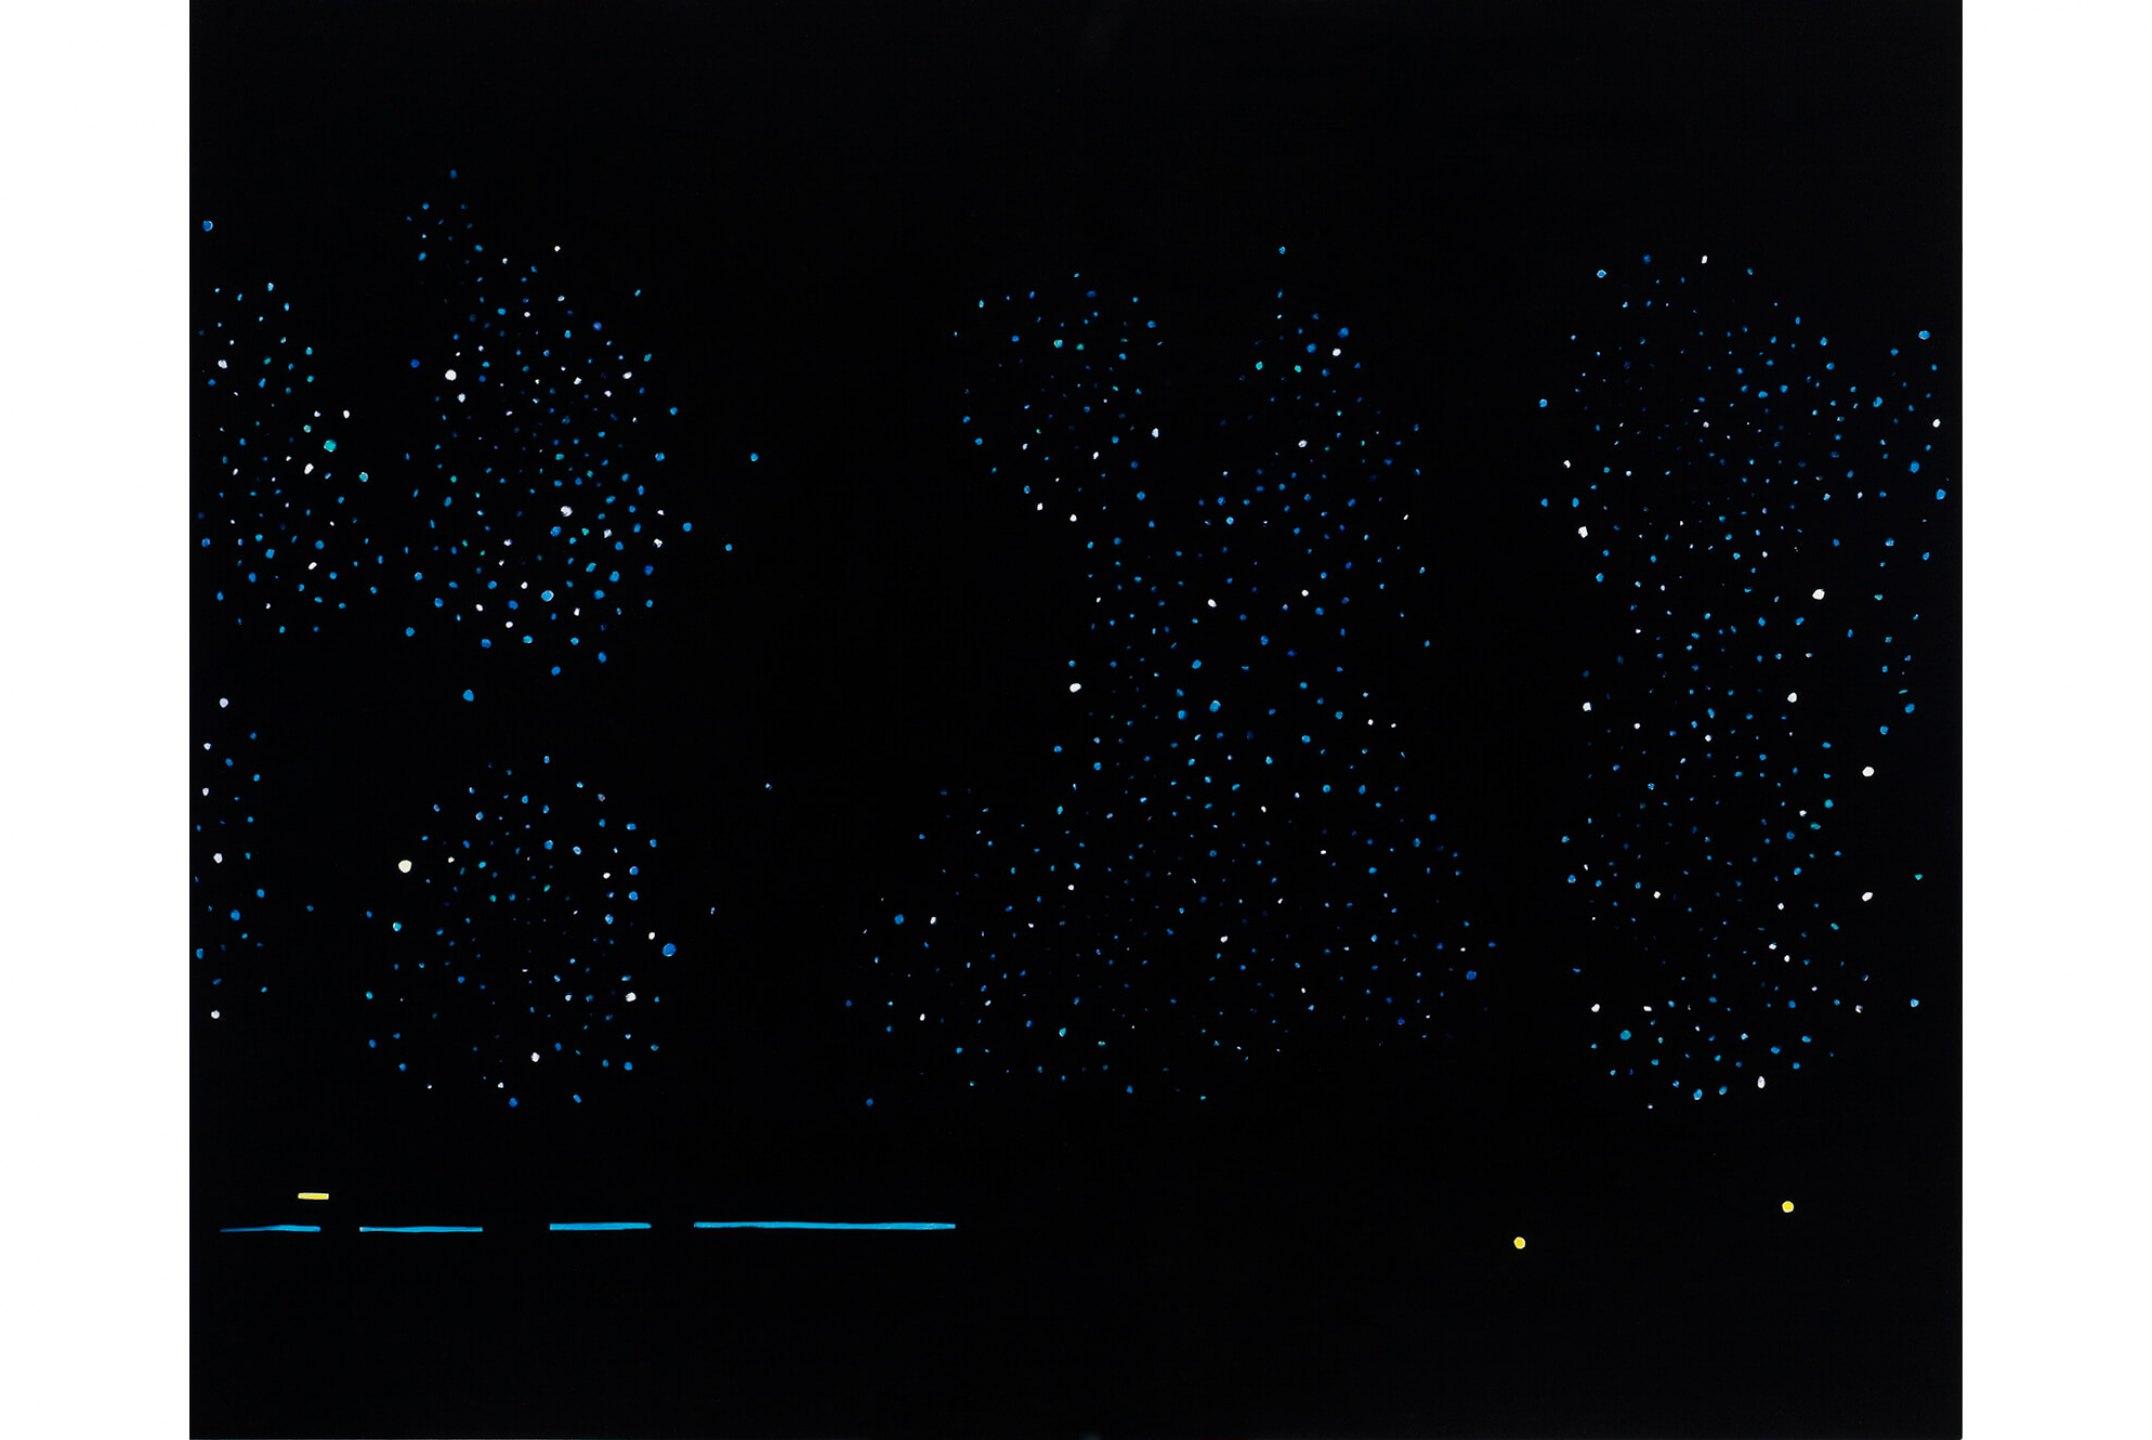 Patricia Leite, <em>Untitled (Night</em>),2010, oil on wood, 90×110 cm - Mendes Wood DM